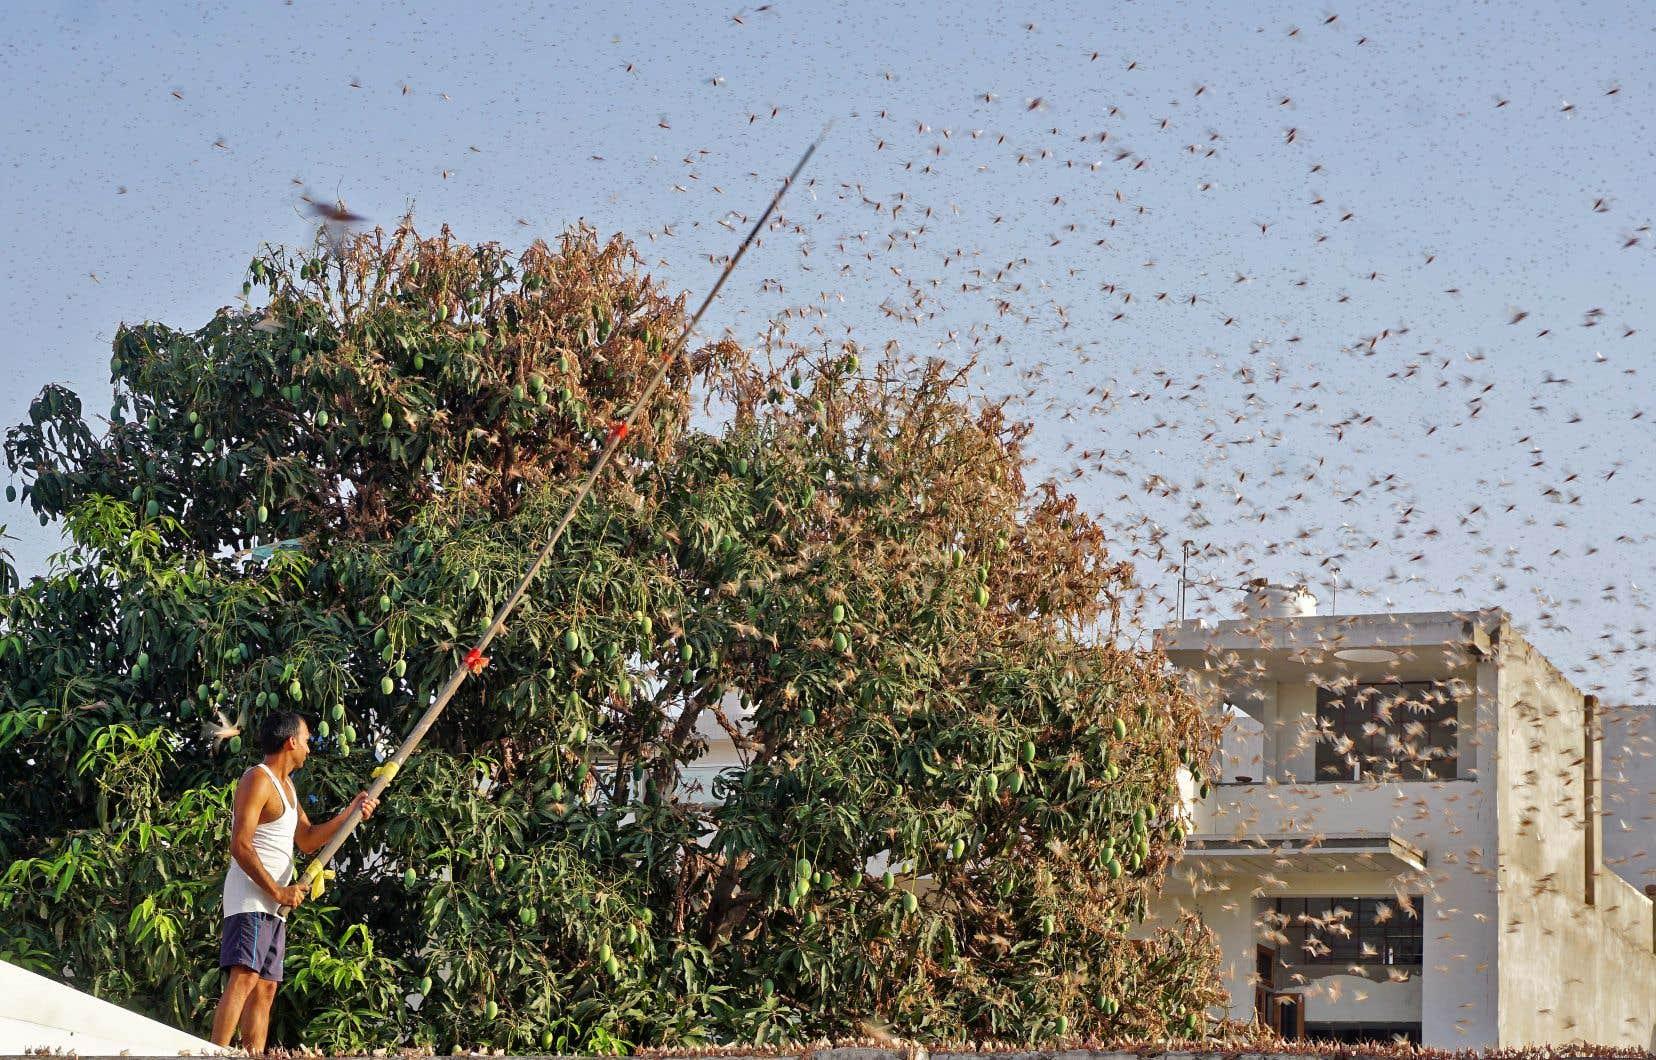 <p>Un grand essaim de criquets a déferlé mardi sur des quartiers d'habitation de Jaipur, la capitale du Rajasthan.</p>